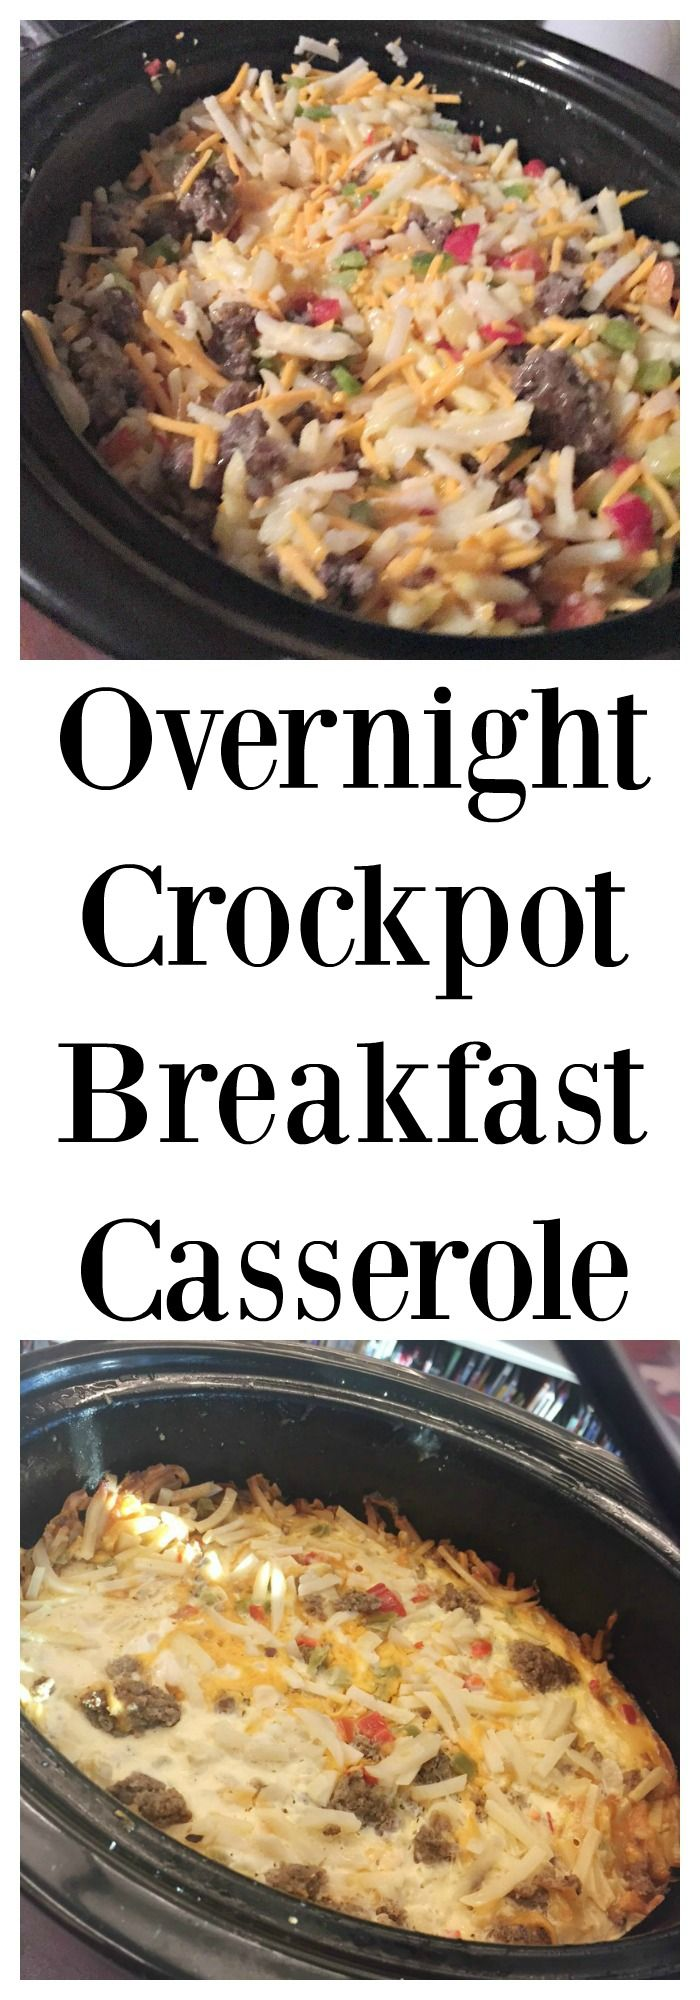 Get 20 breakfast casserole easy ideas on pinterest for Crockpot breakfast casserole recipes